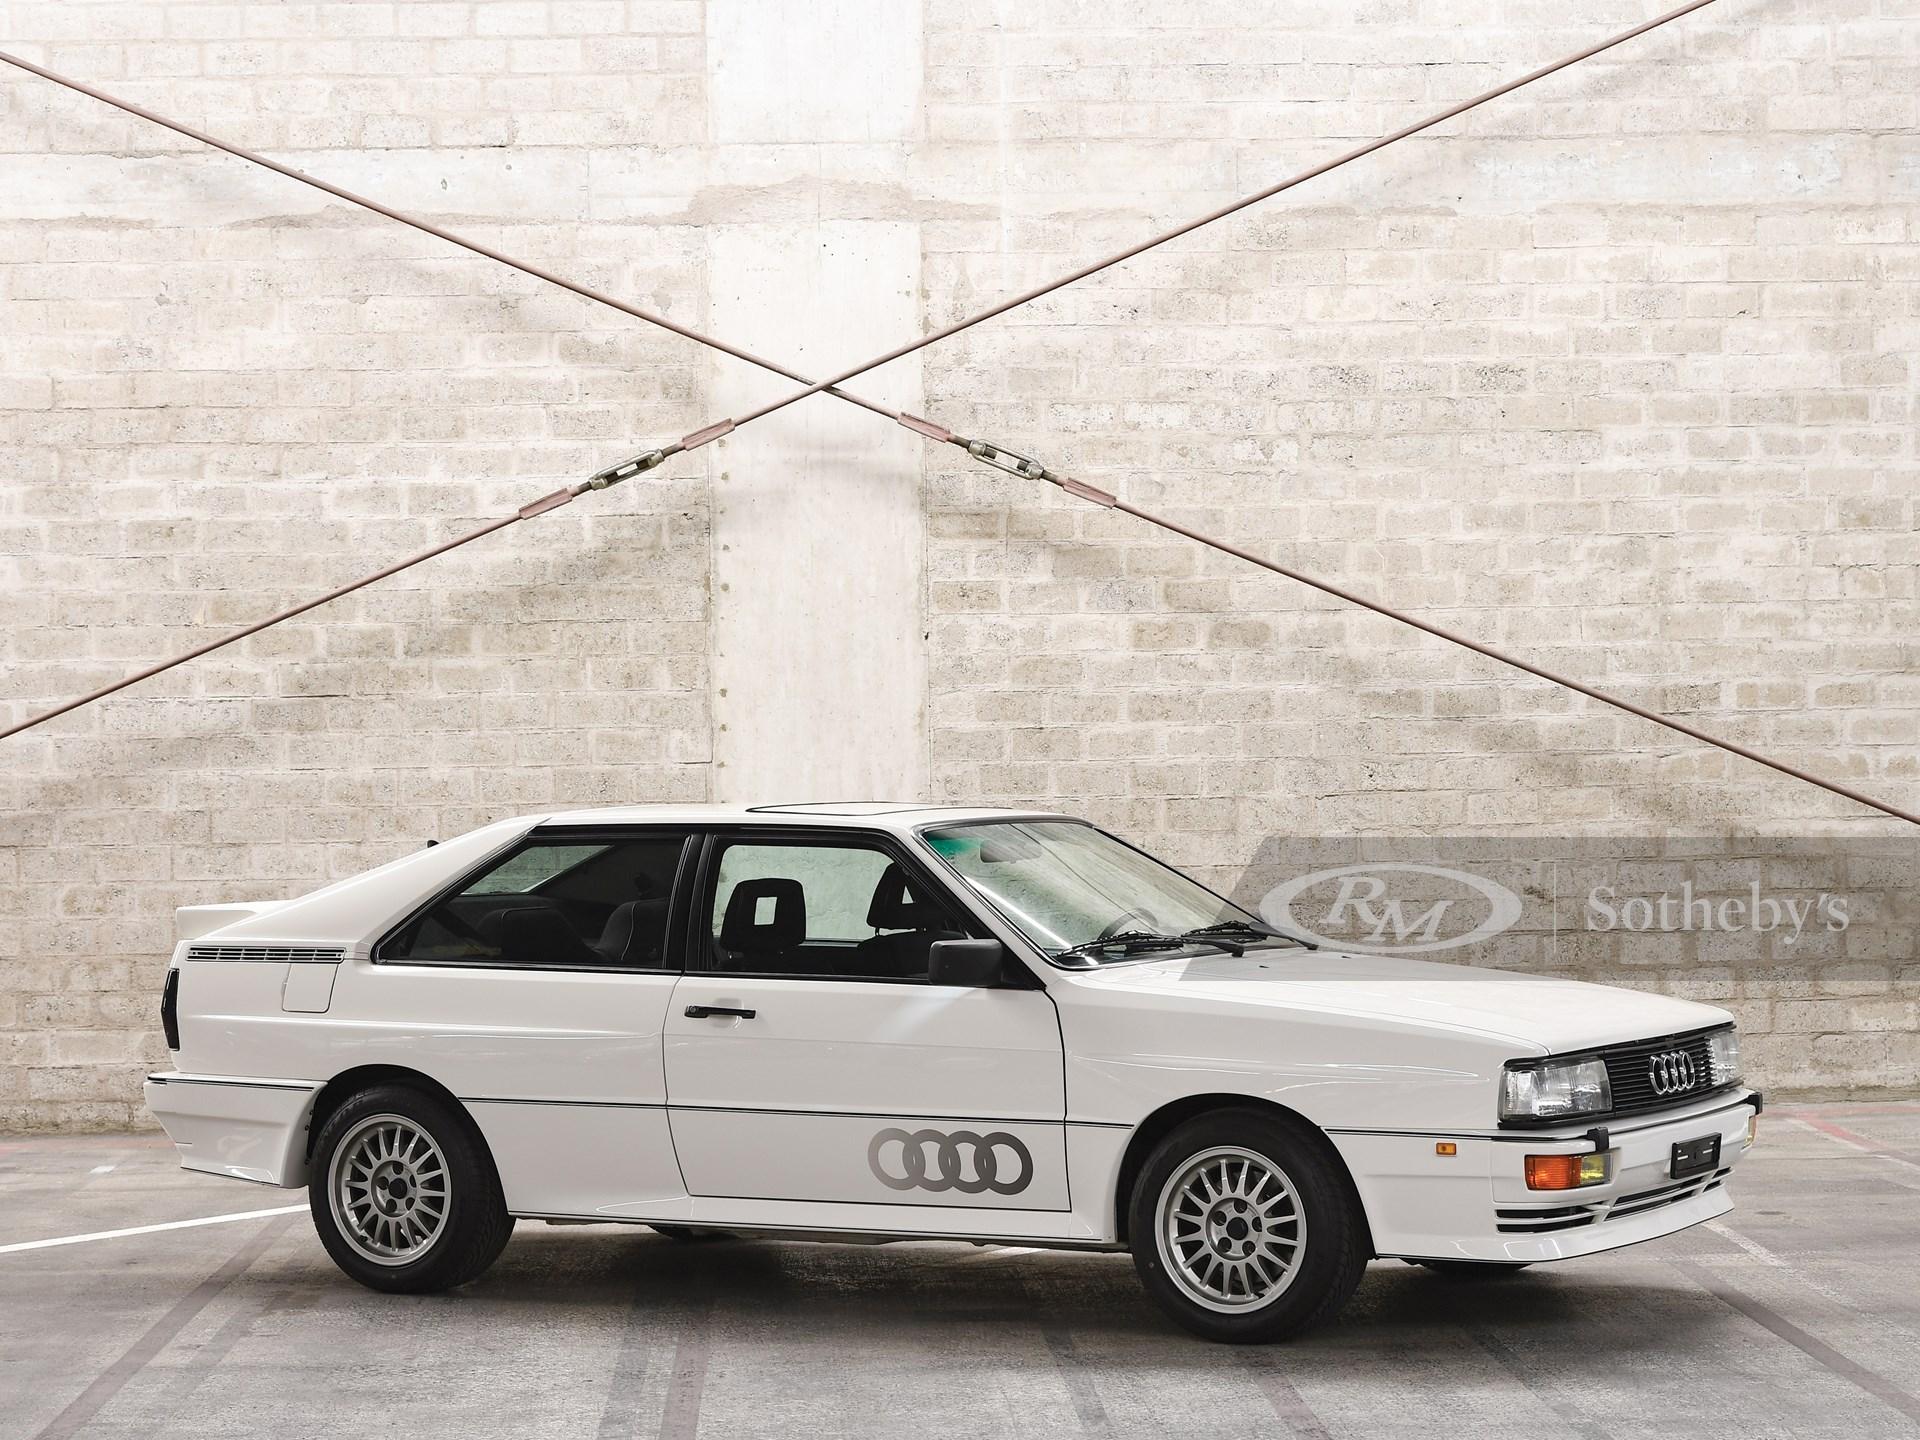 1985 Audi quattro  -